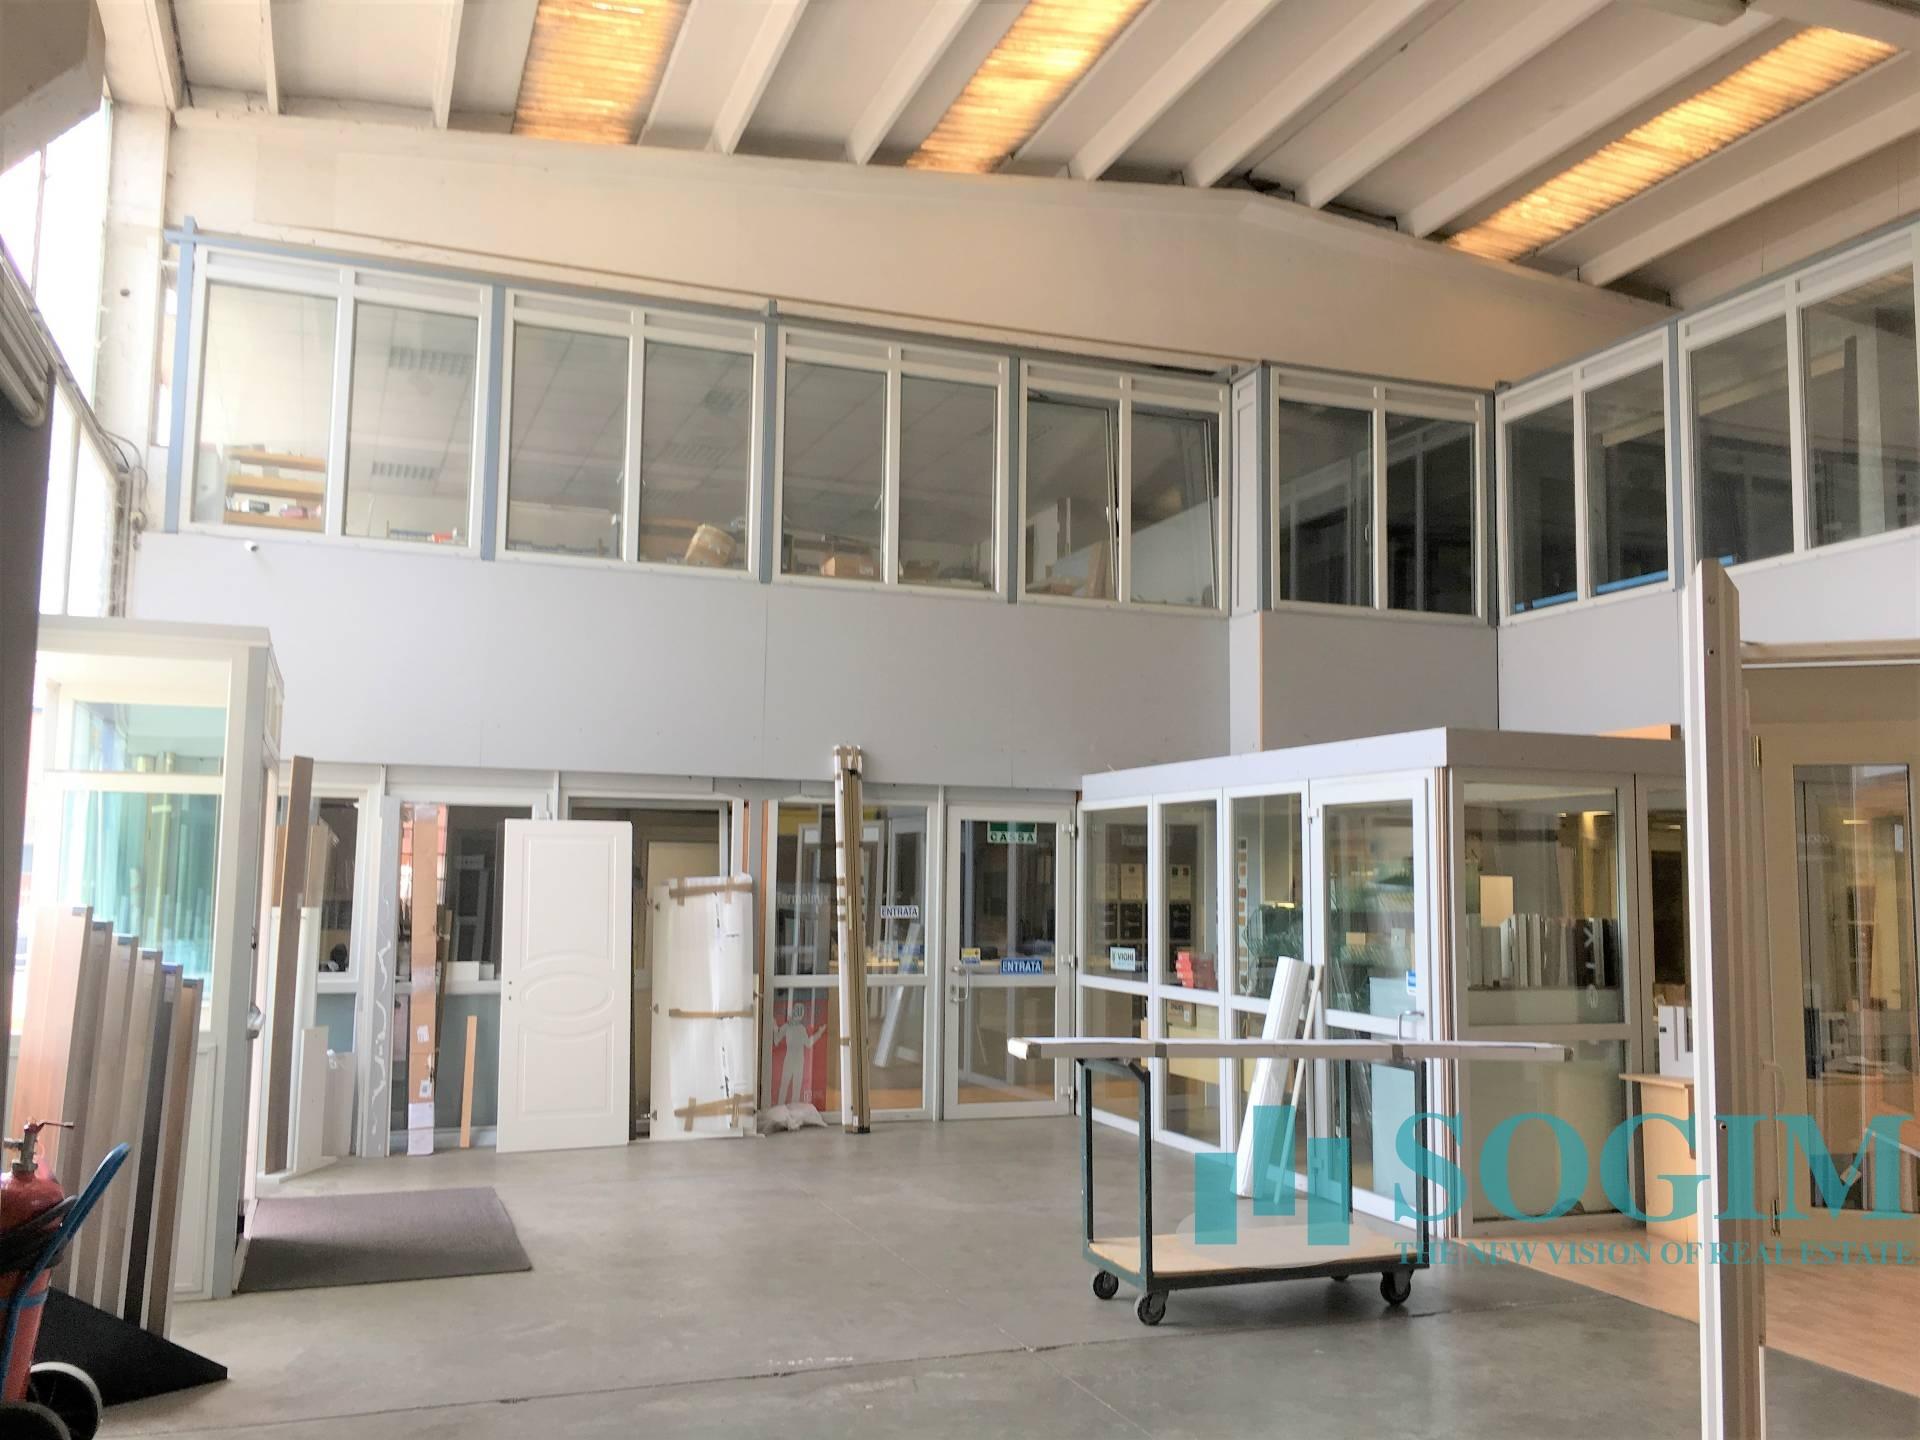 Affitto vendita uffici milano for Affitto ufficio tuscolana